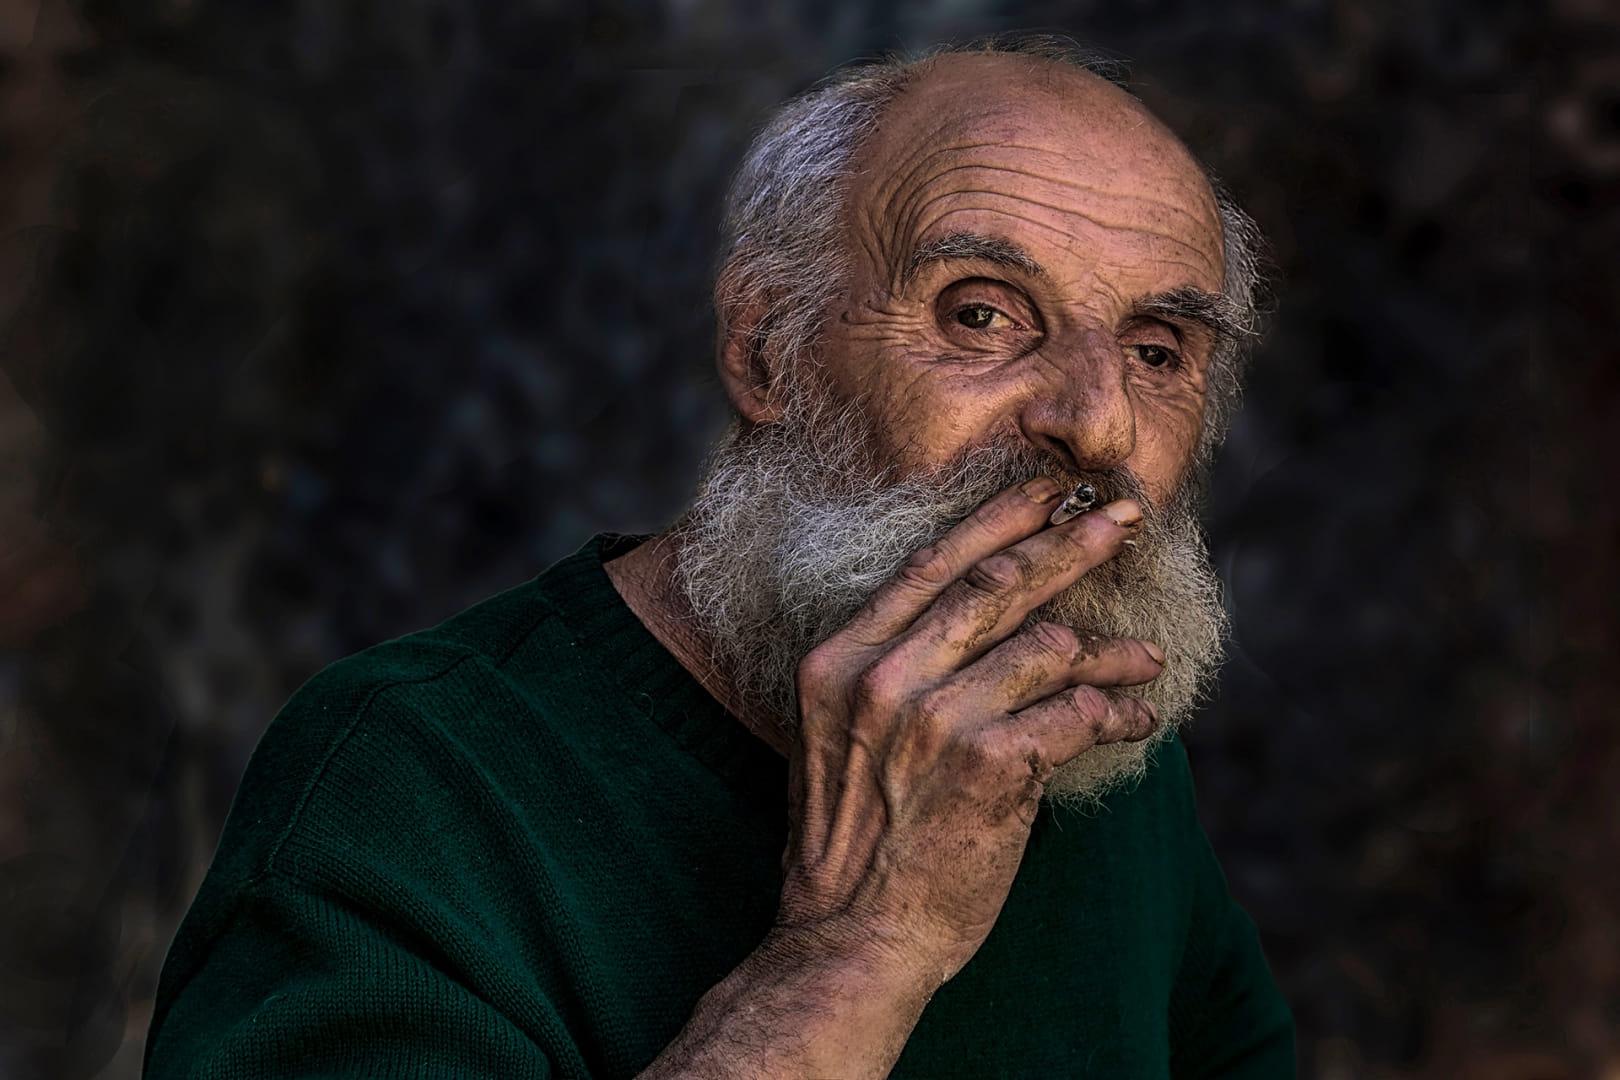 El vell fumador